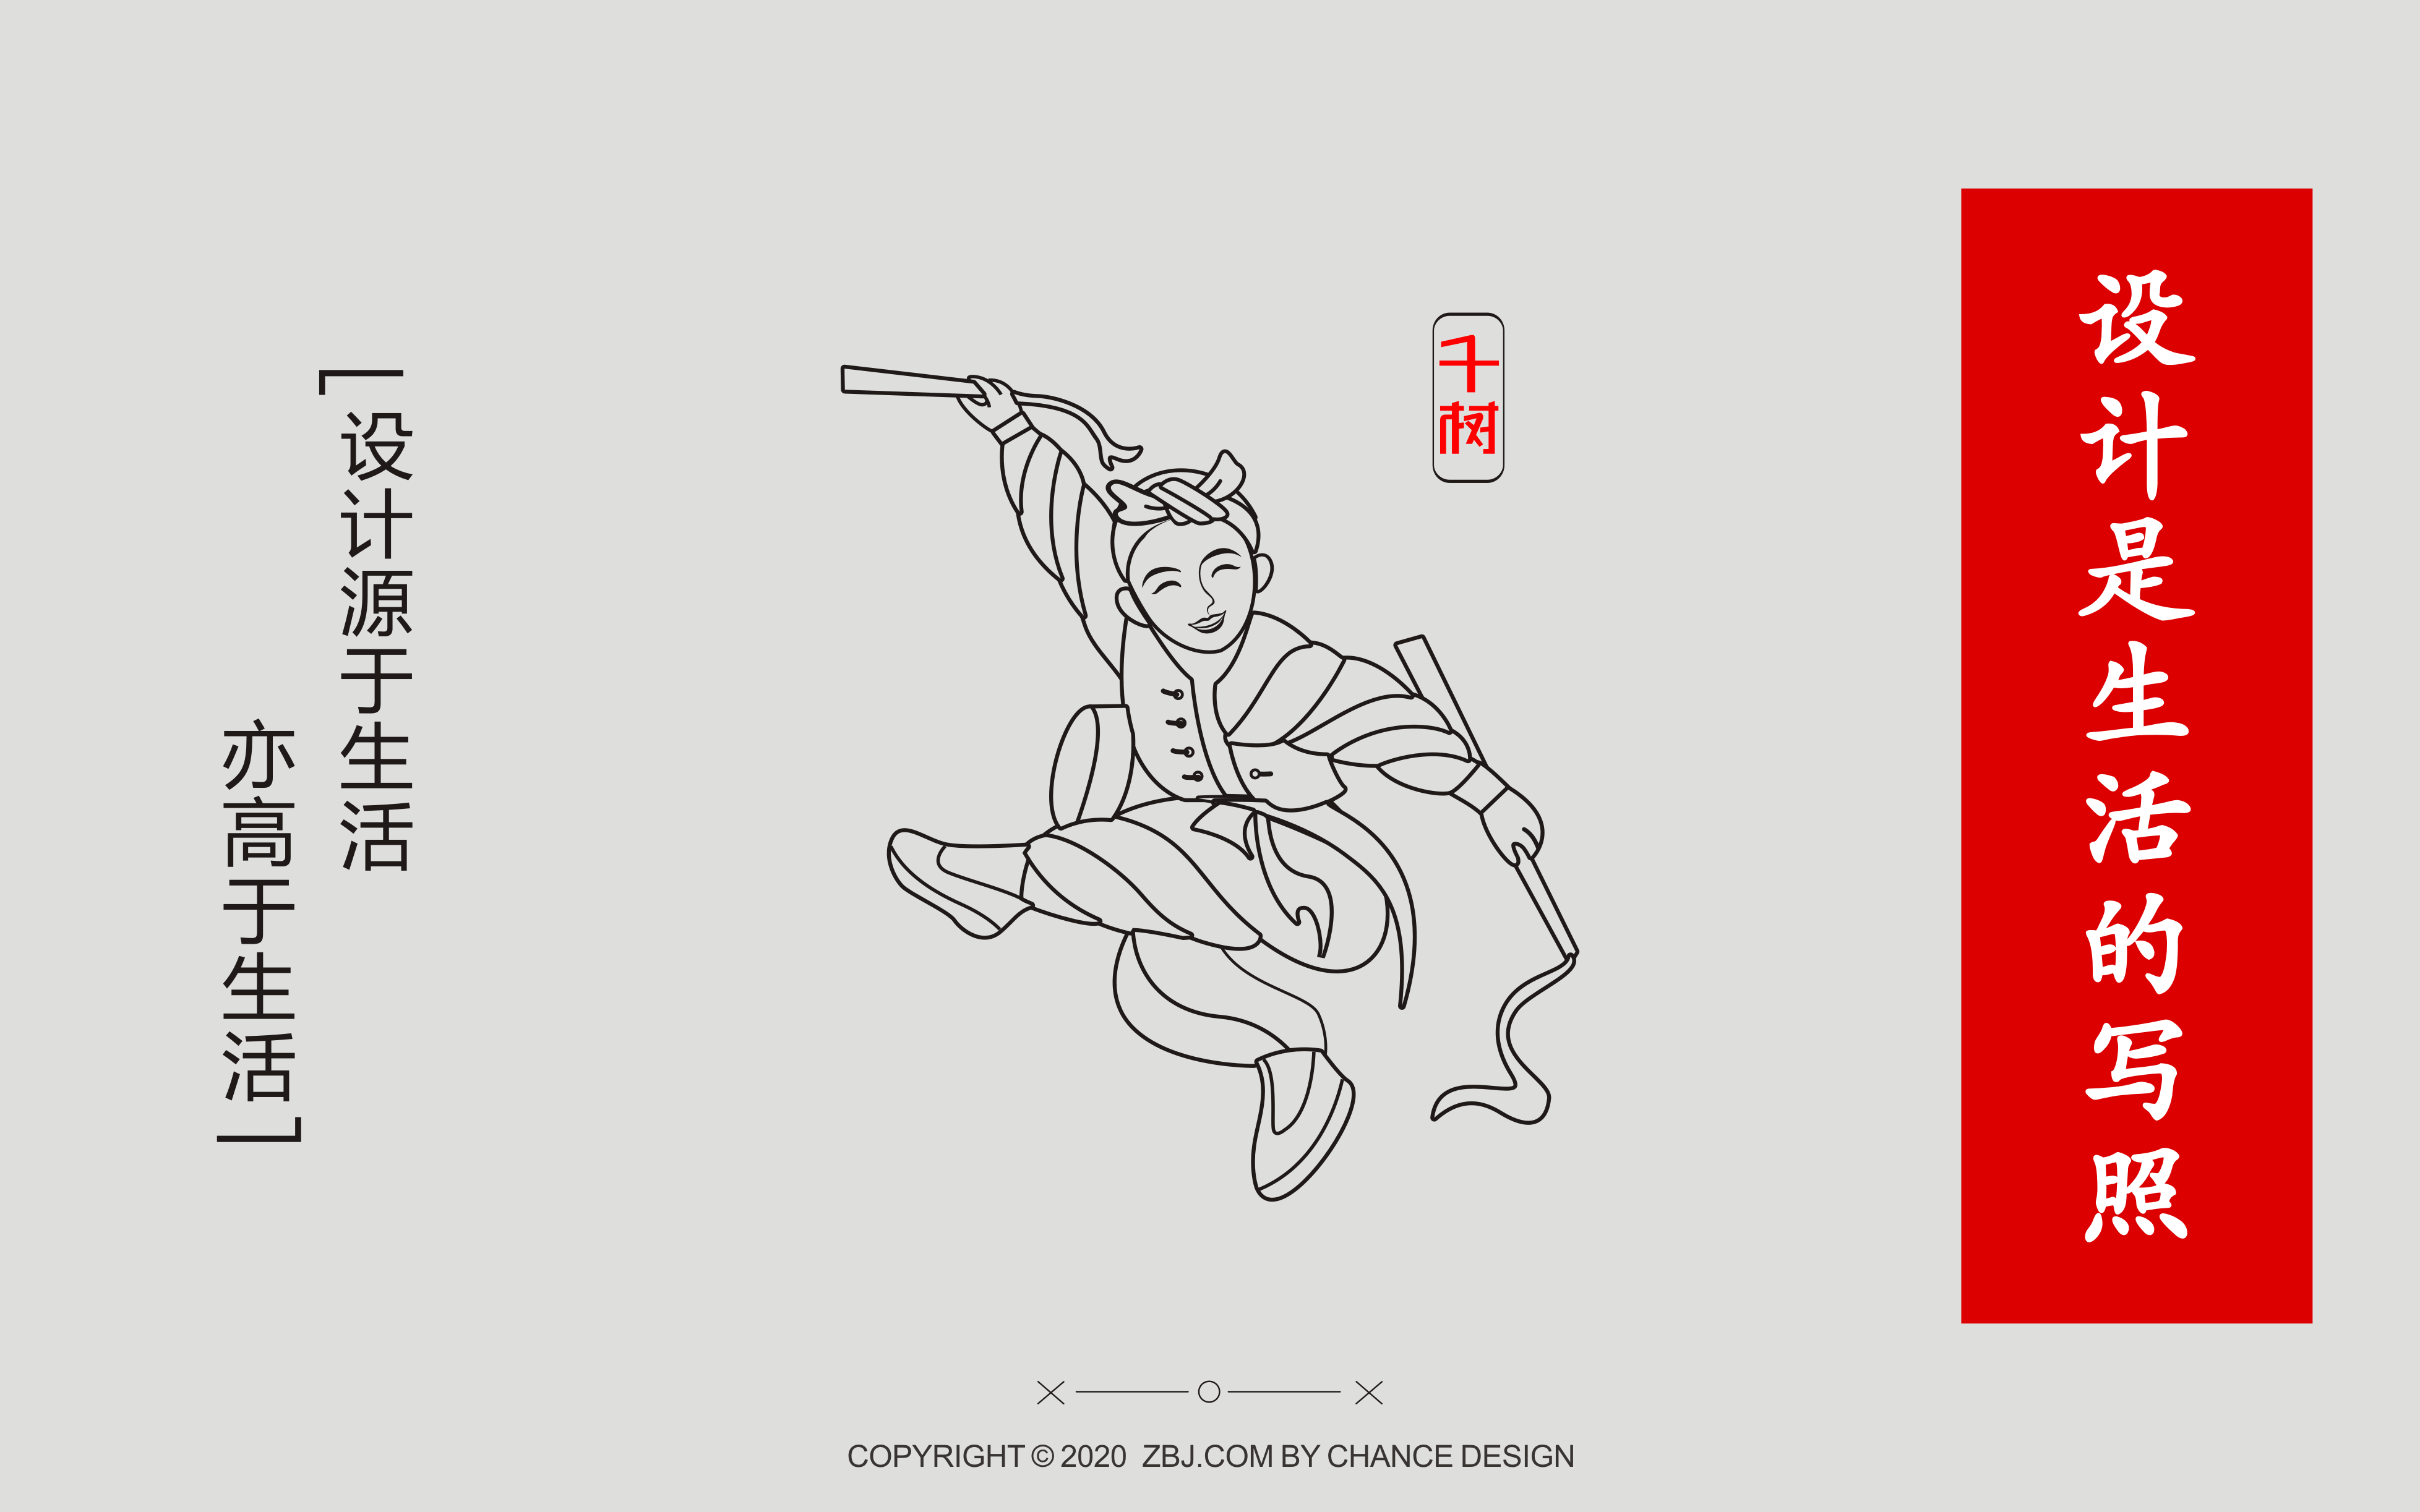 兰灵logo设计公司品牌餐饮字体商标标志注册卡通LOGO设计